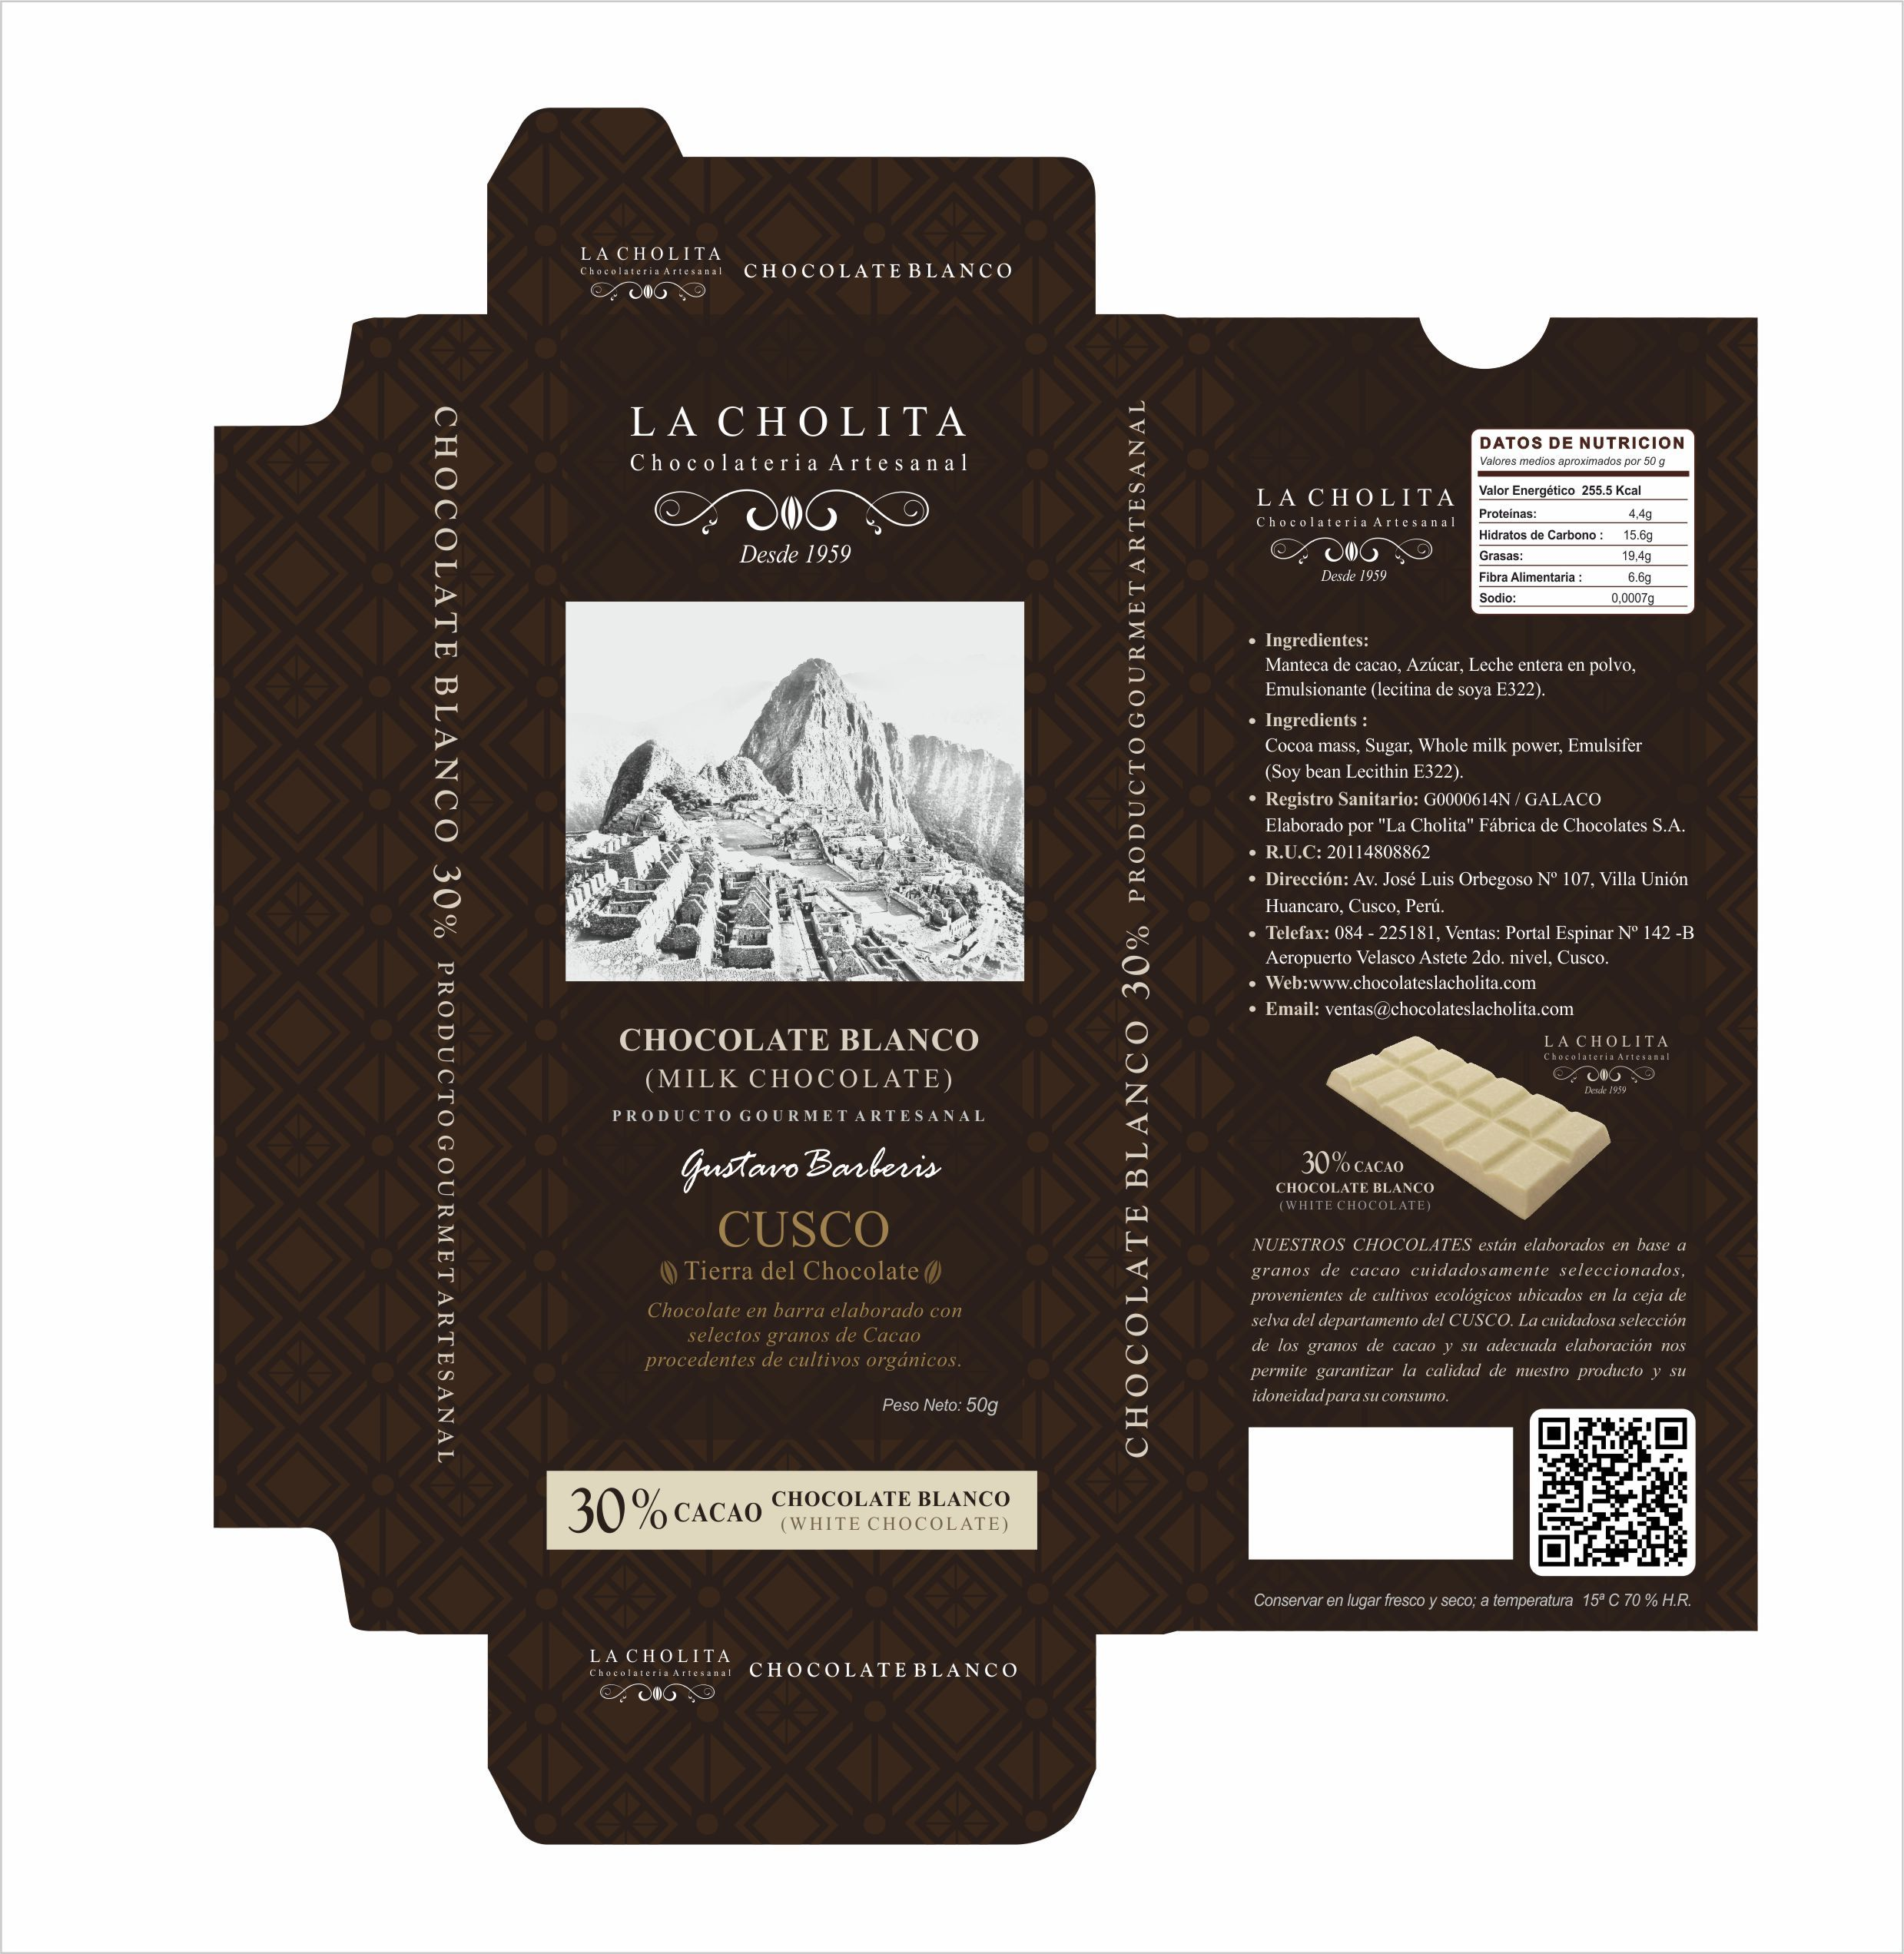 Diseño de Packing Chocolate Blanco en barra Cusco - Perú Desing by: Antonio Miranda Madrid